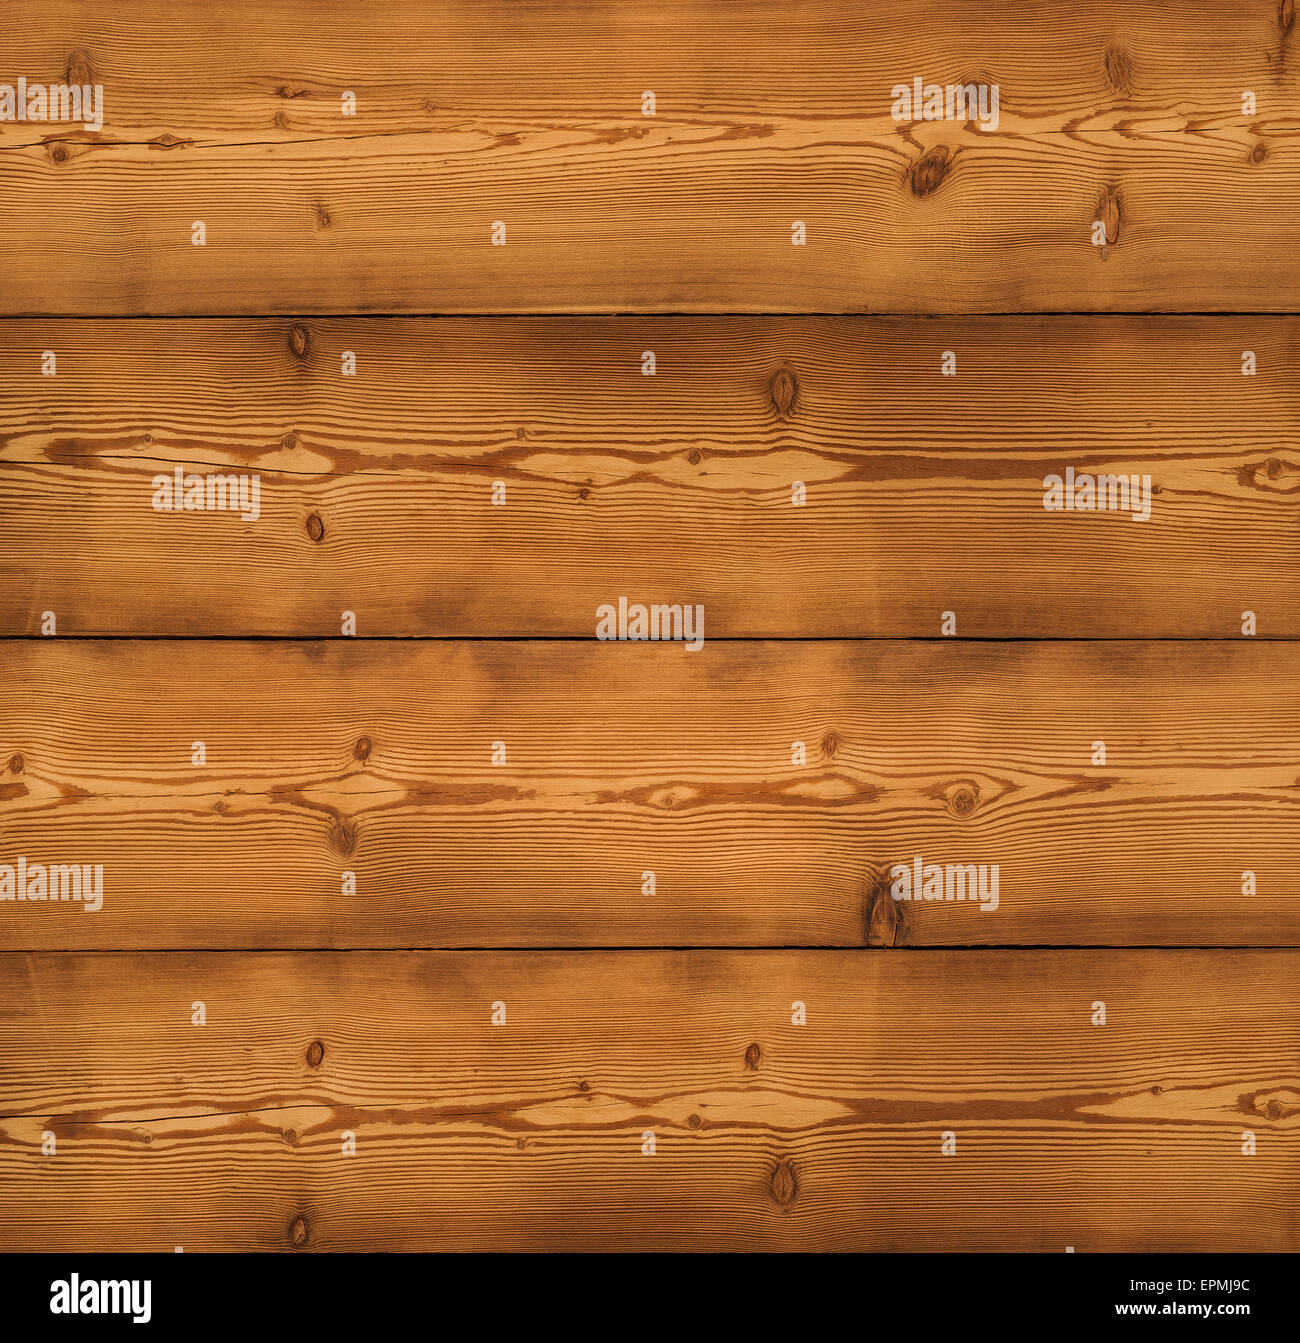 Il marrone del legno vecchio texture con nodo Immagini Stock